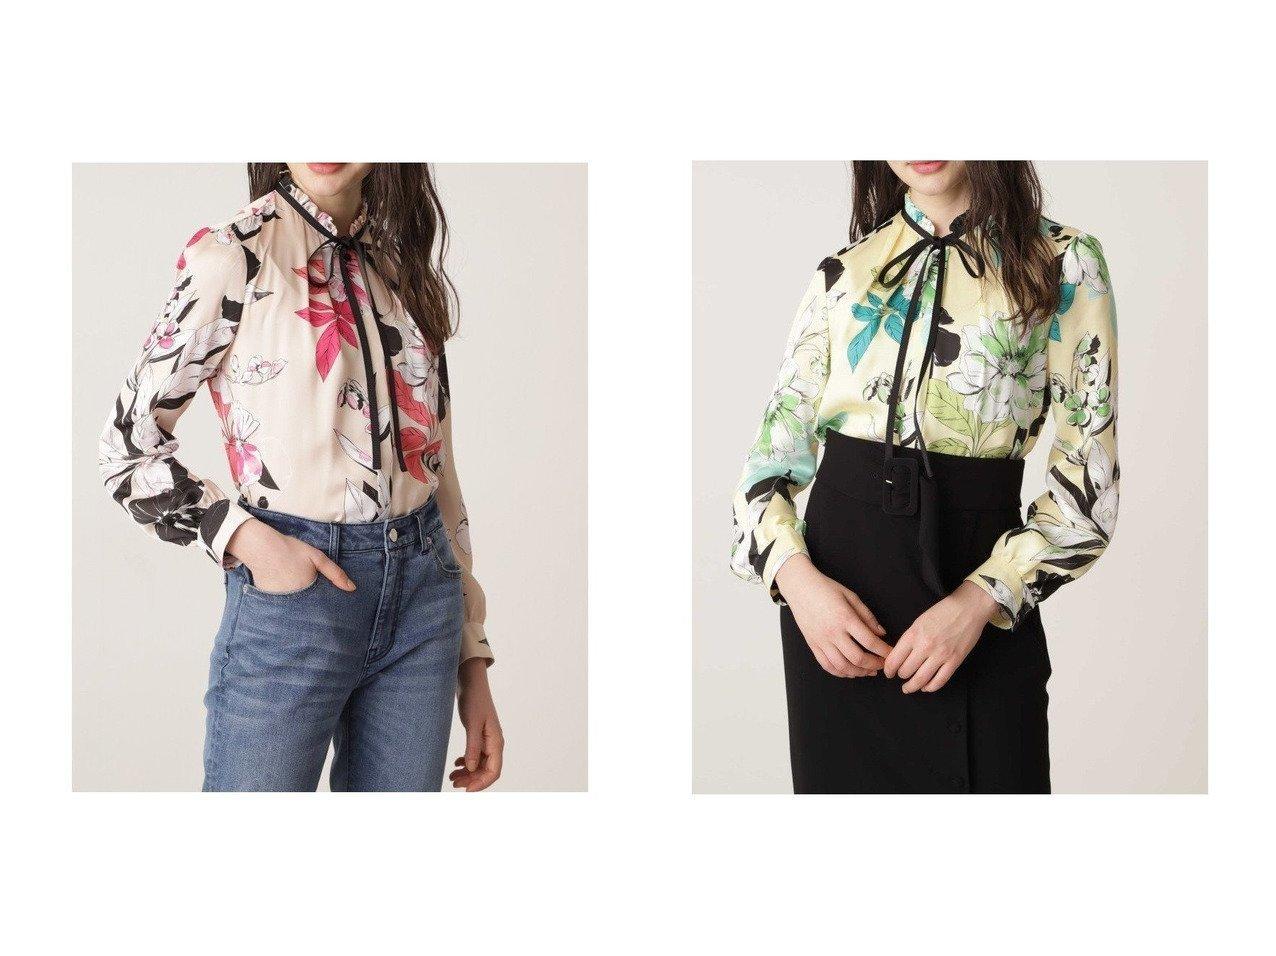 【Pinky&Dianne/ピンキーアンドダイアン】のカラーフラワーリボンブラウス トップス・カットソーのおすすめ!人気、トレンド・レディースファッションの通販  おすすめで人気の流行・トレンド、ファッションの通販商品 メンズファッション・キッズファッション・インテリア・家具・レディースファッション・服の通販 founy(ファニー) https://founy.com/ ファッション Fashion レディースファッション WOMEN トップス Tops Tshirt シャツ/ブラウス Shirts Blouses ギャザー デニム フェミニン フリル プリント リボン 春 Spring  ID:crp329100000010497